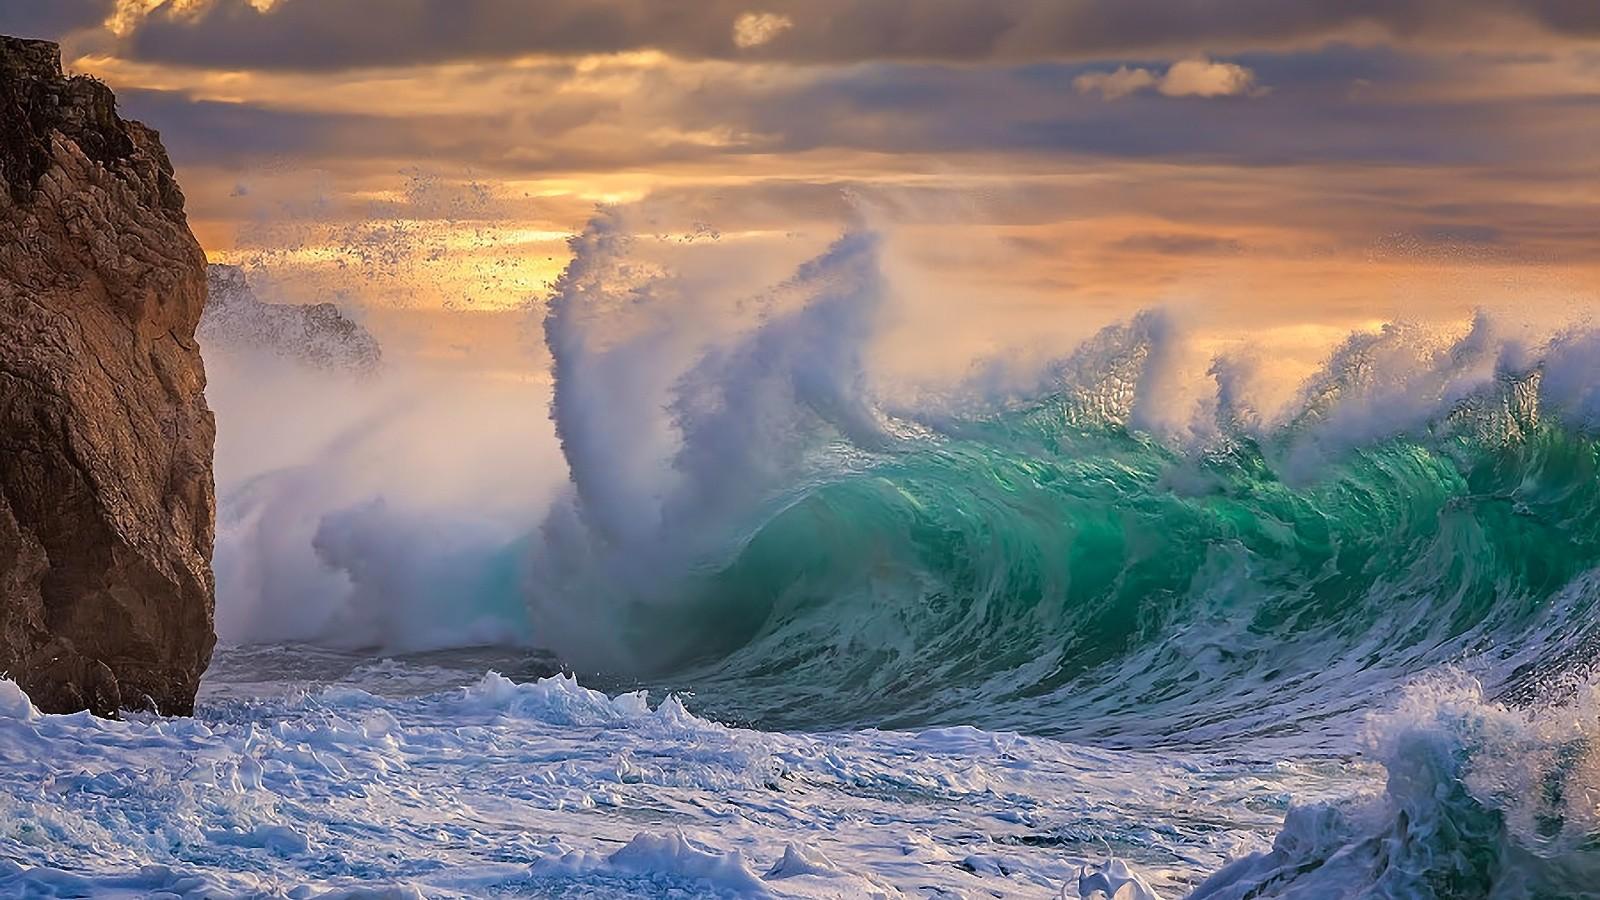 шторм на море фото 12